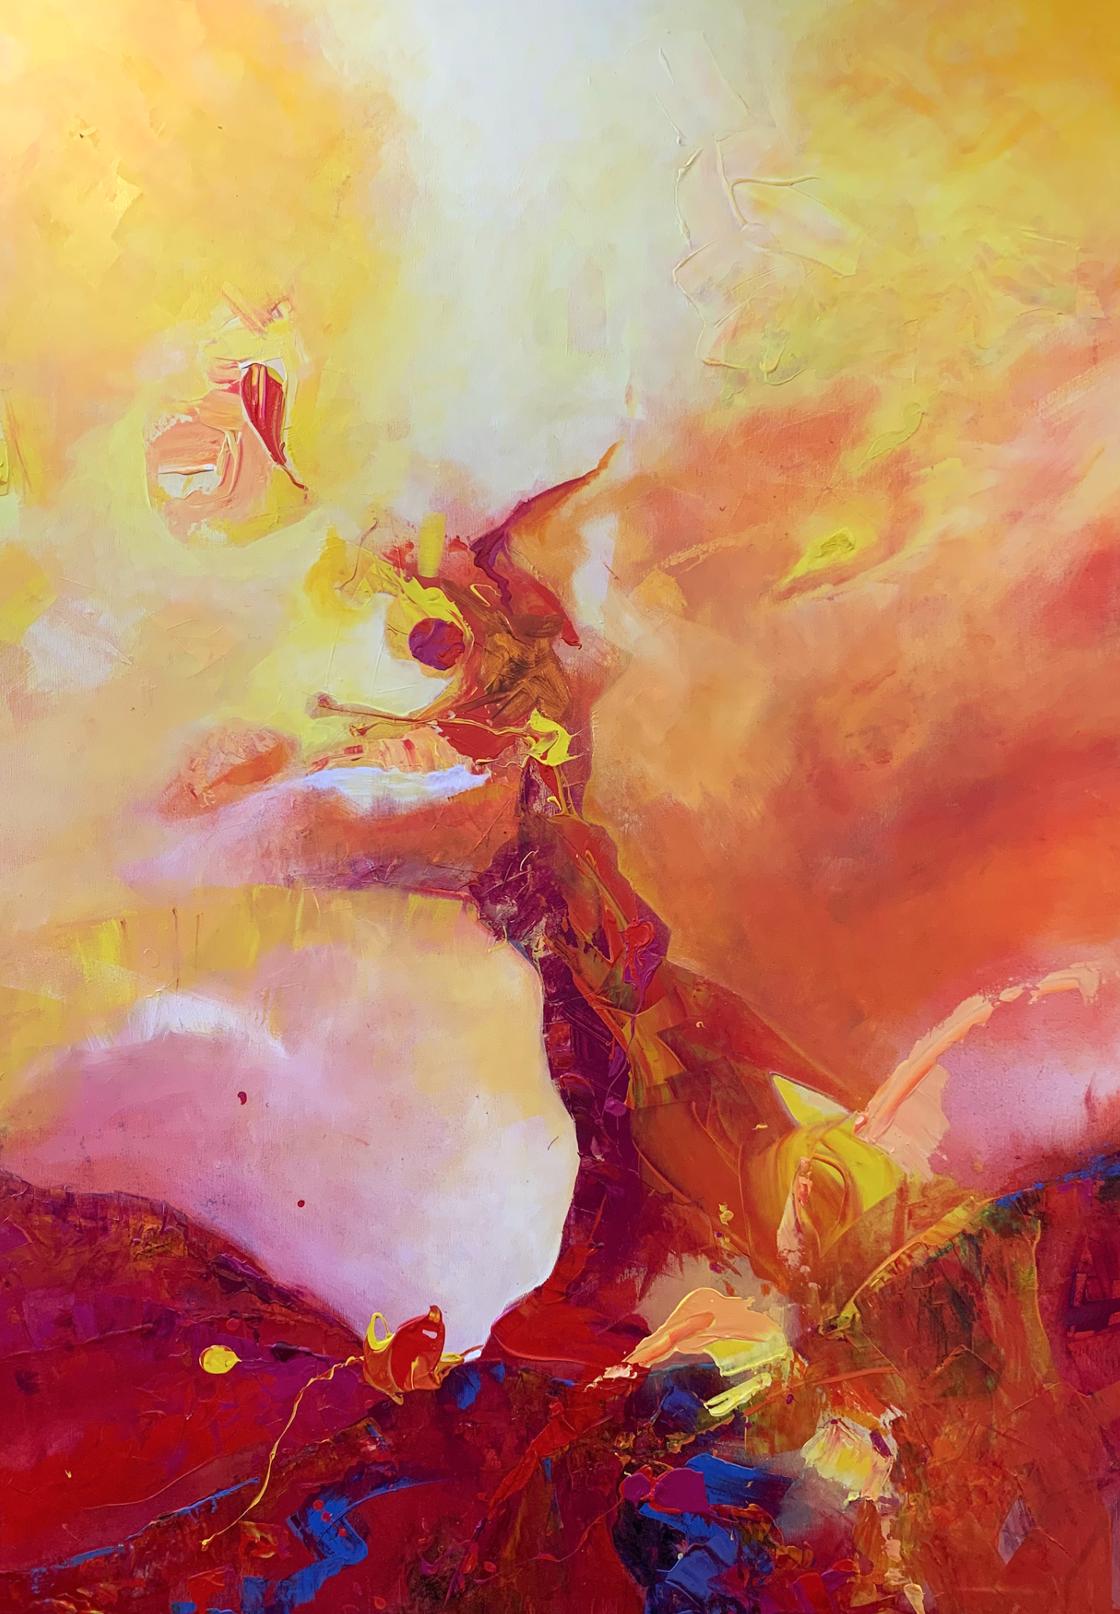 Seele, Acryl auf leinwand, 140 x 100 cm